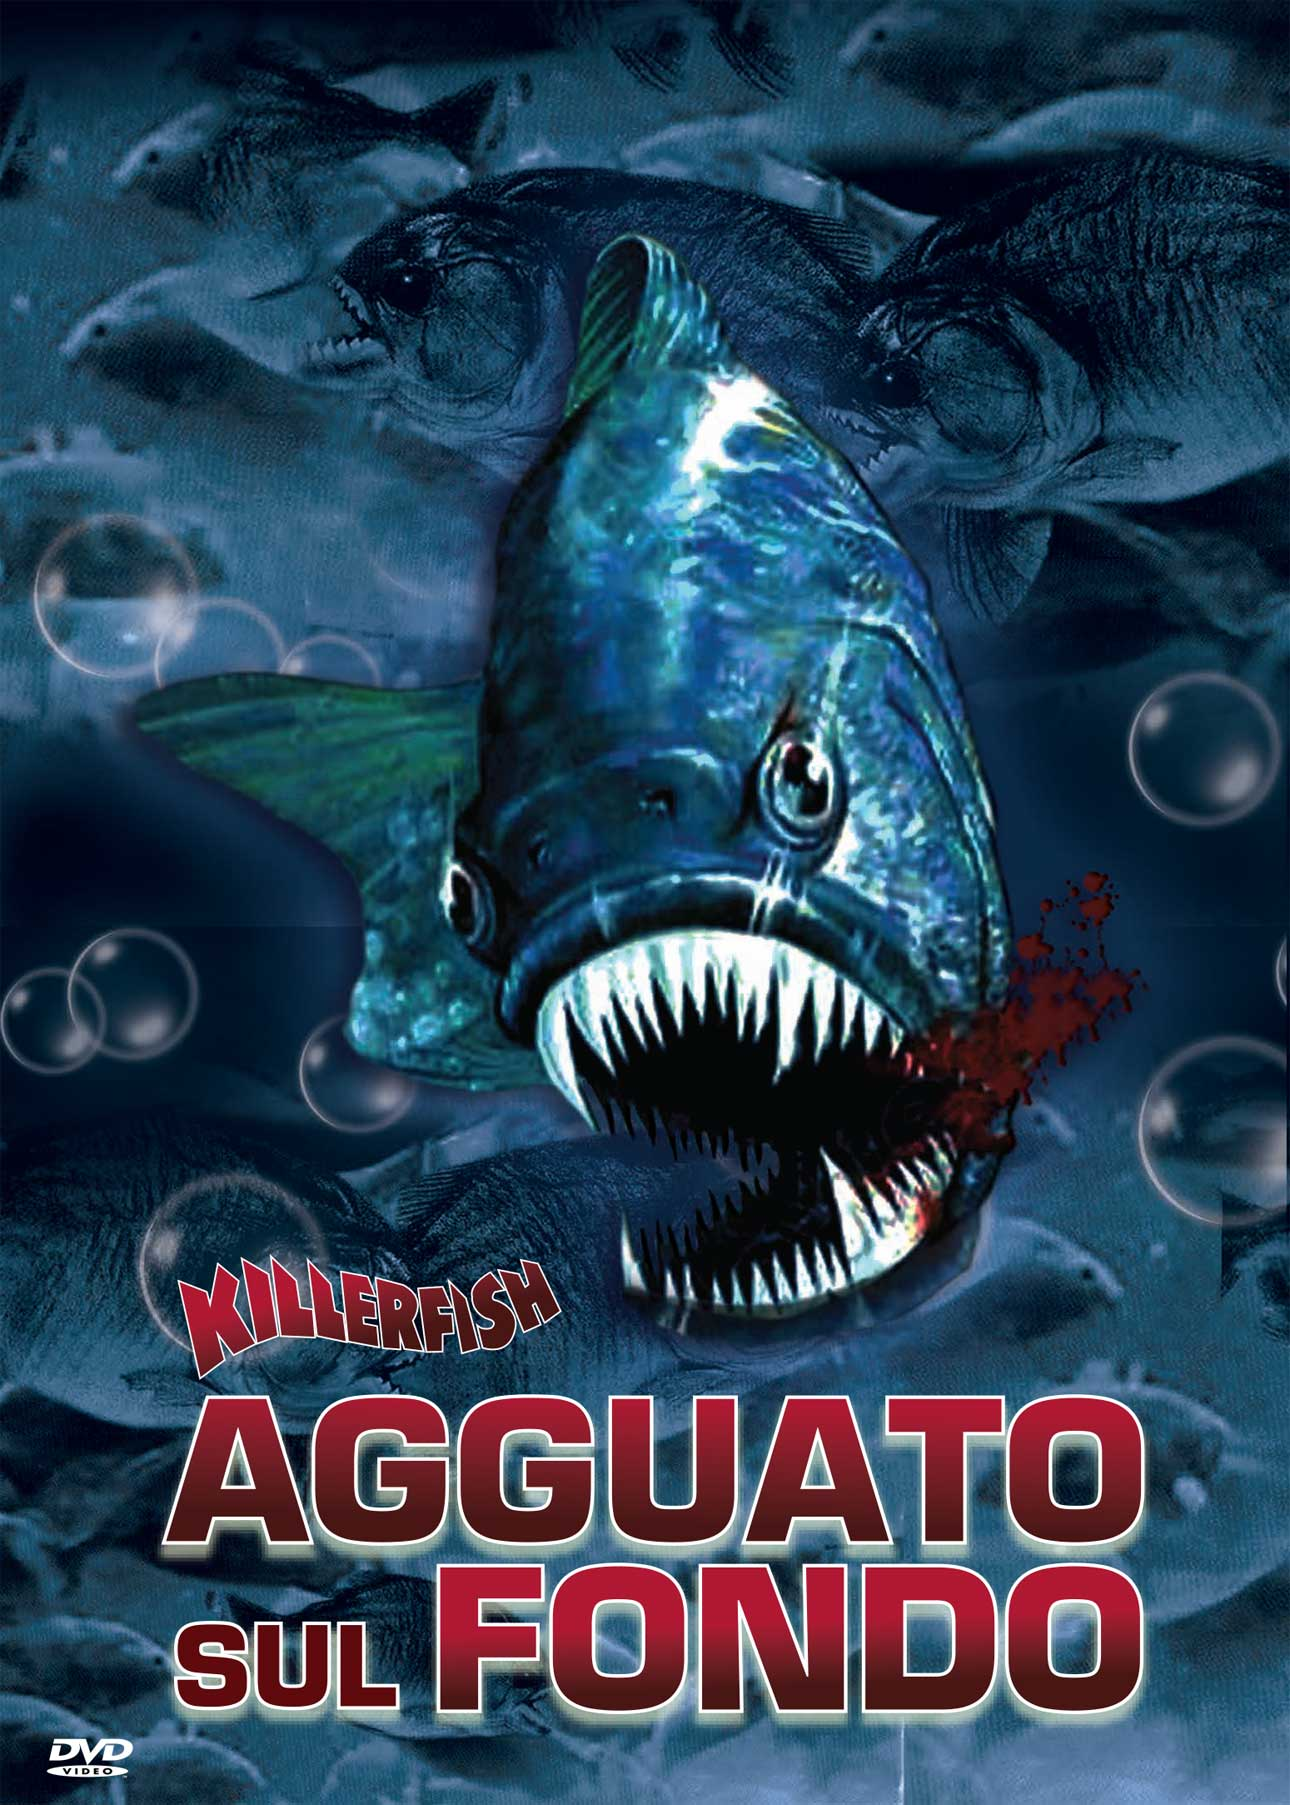 AGGUATO SUL FONDO (1979) (DVD)